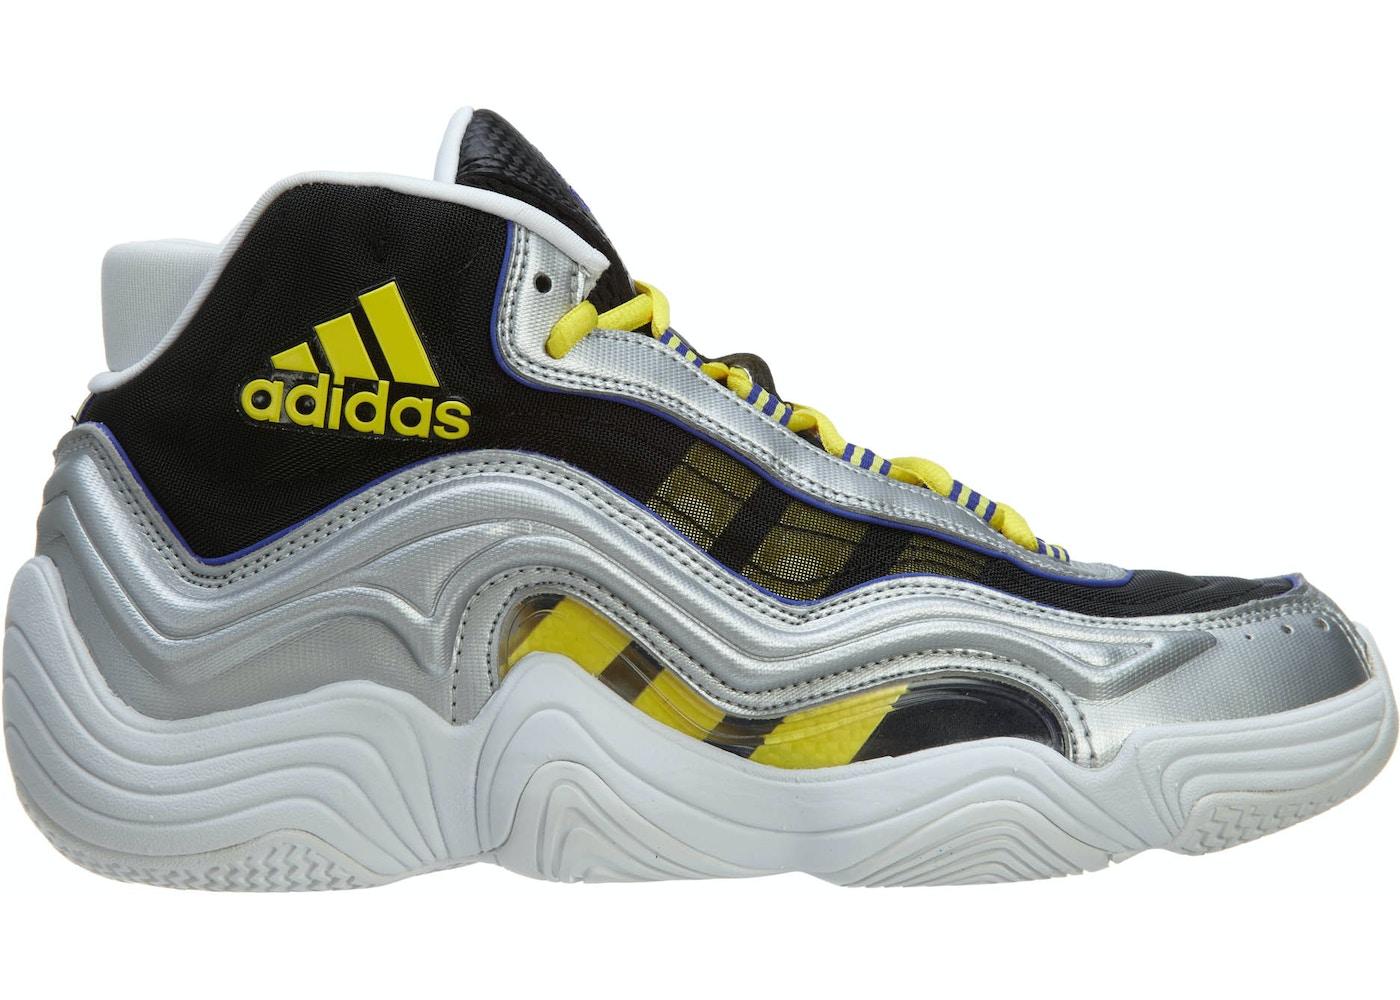 74e48103 adidas Crazy 2 Basketball Shoes Silver Metallic/Light Yellow/Night ...